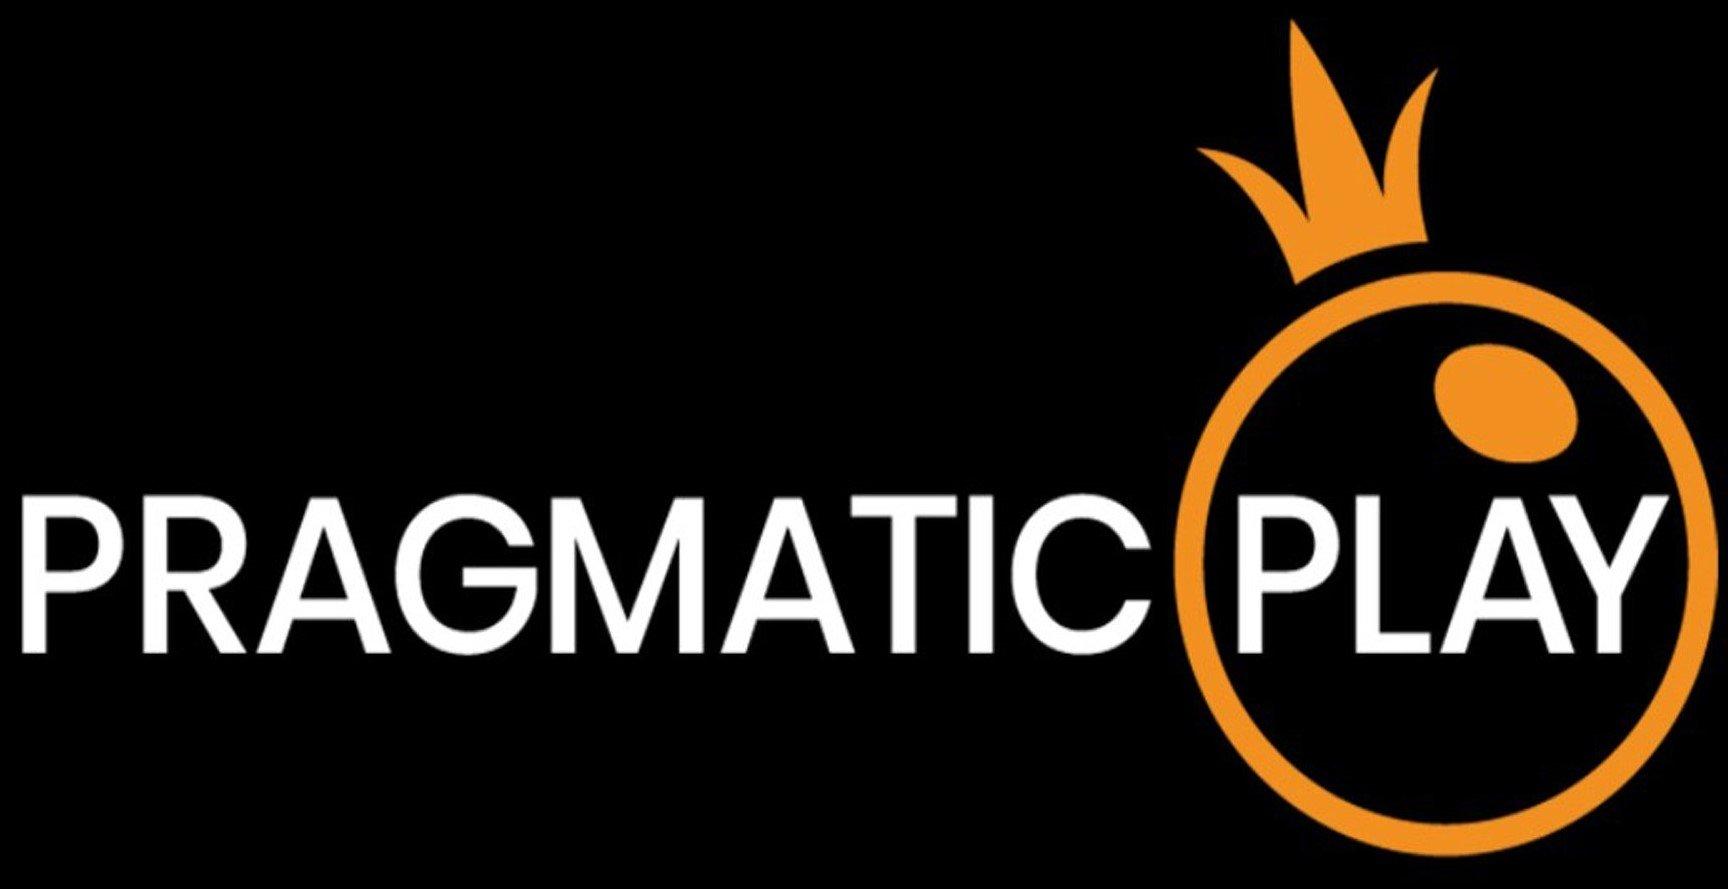 Pragmatic Play и 888 Holdings объявили о сотрудничестве